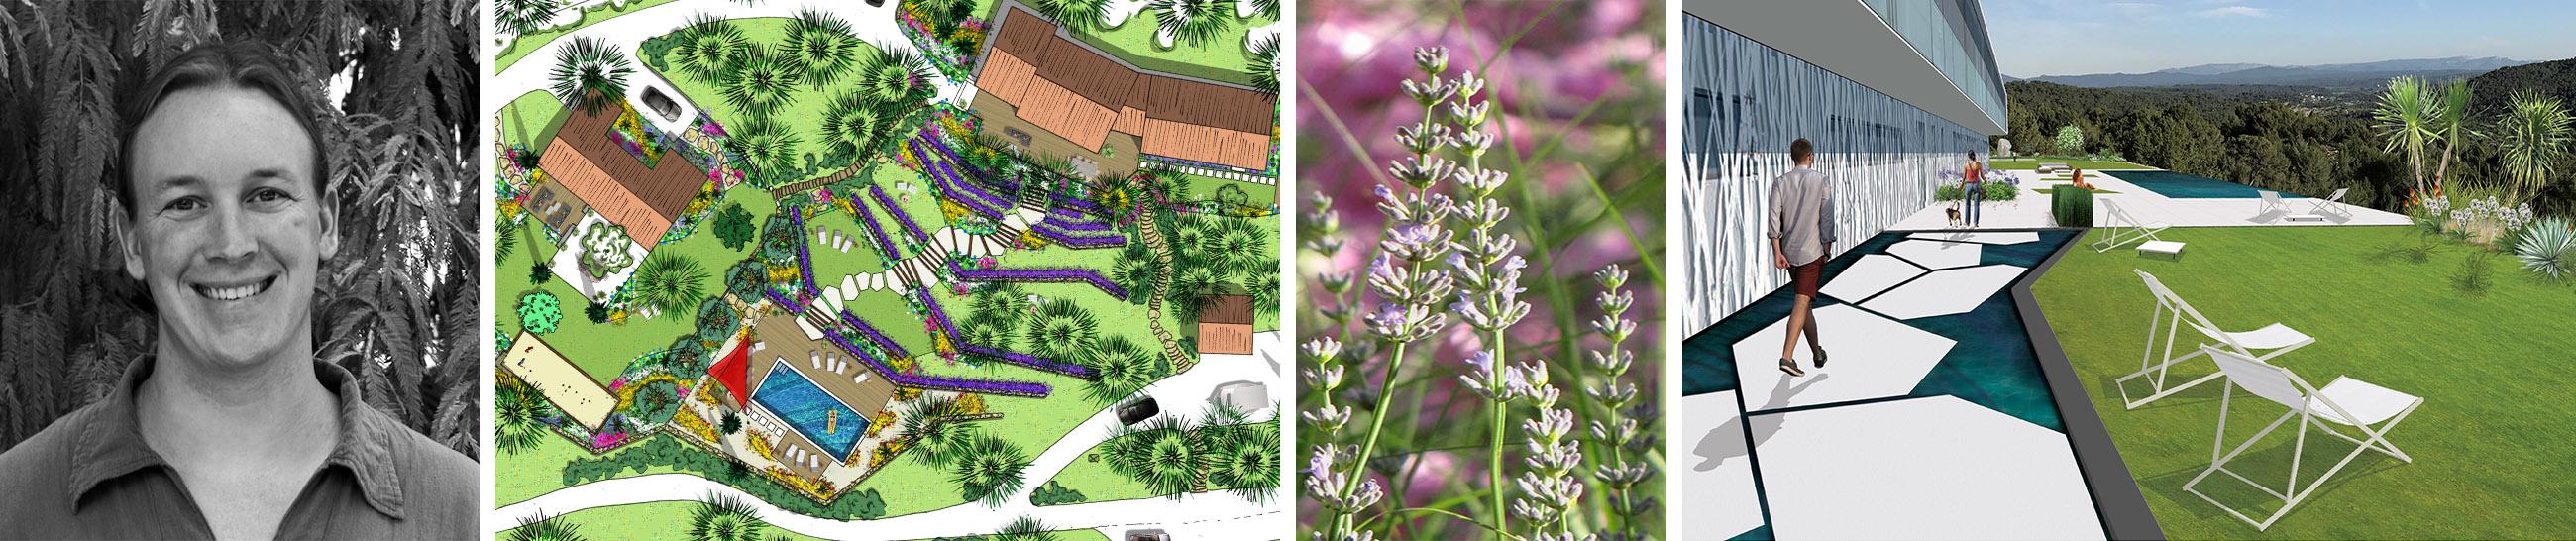 Approche - Architecte paysagiste concepteur - Montpellier & Aix en Provence